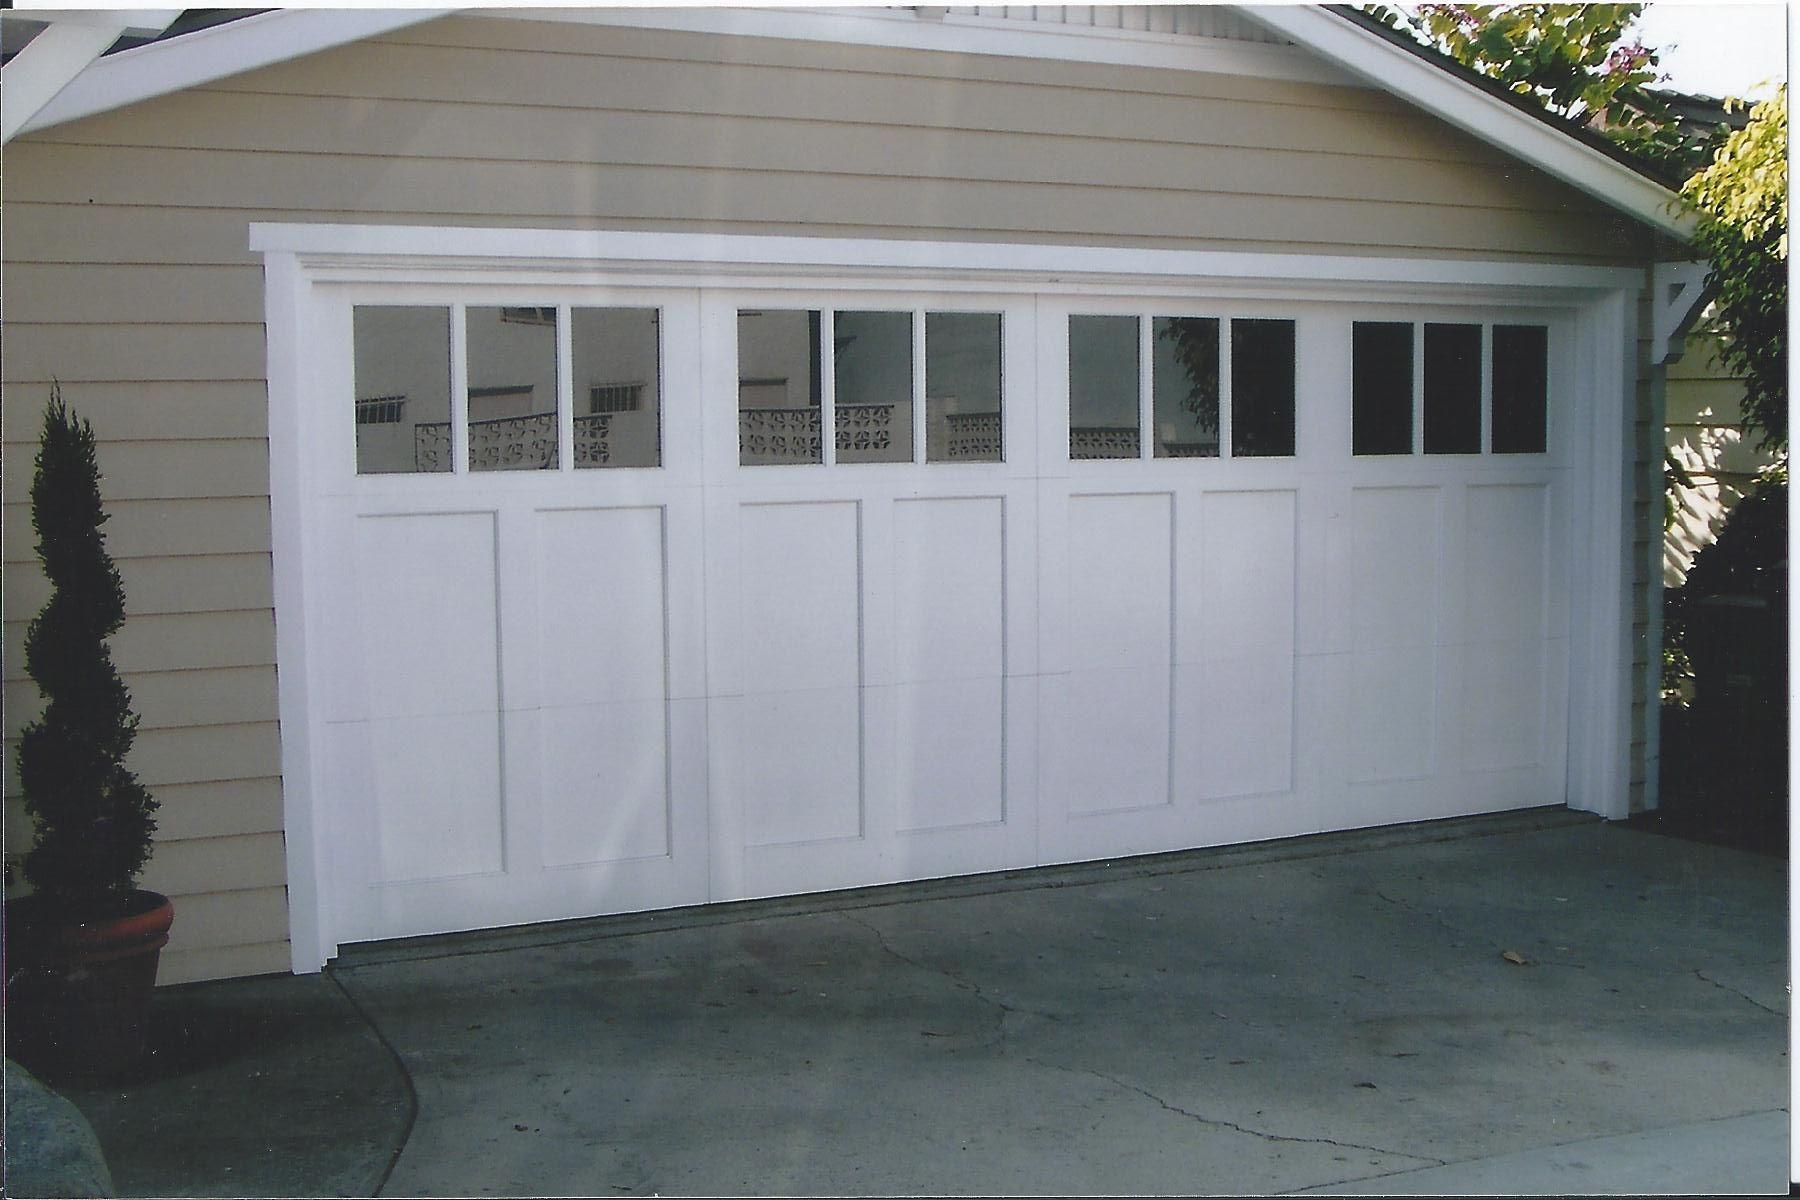 182 Reference Of Craftsman Style Garage Door Trim In 2020 Craftsman Style Garage Doors Garage Door Trim Garage Door Windows